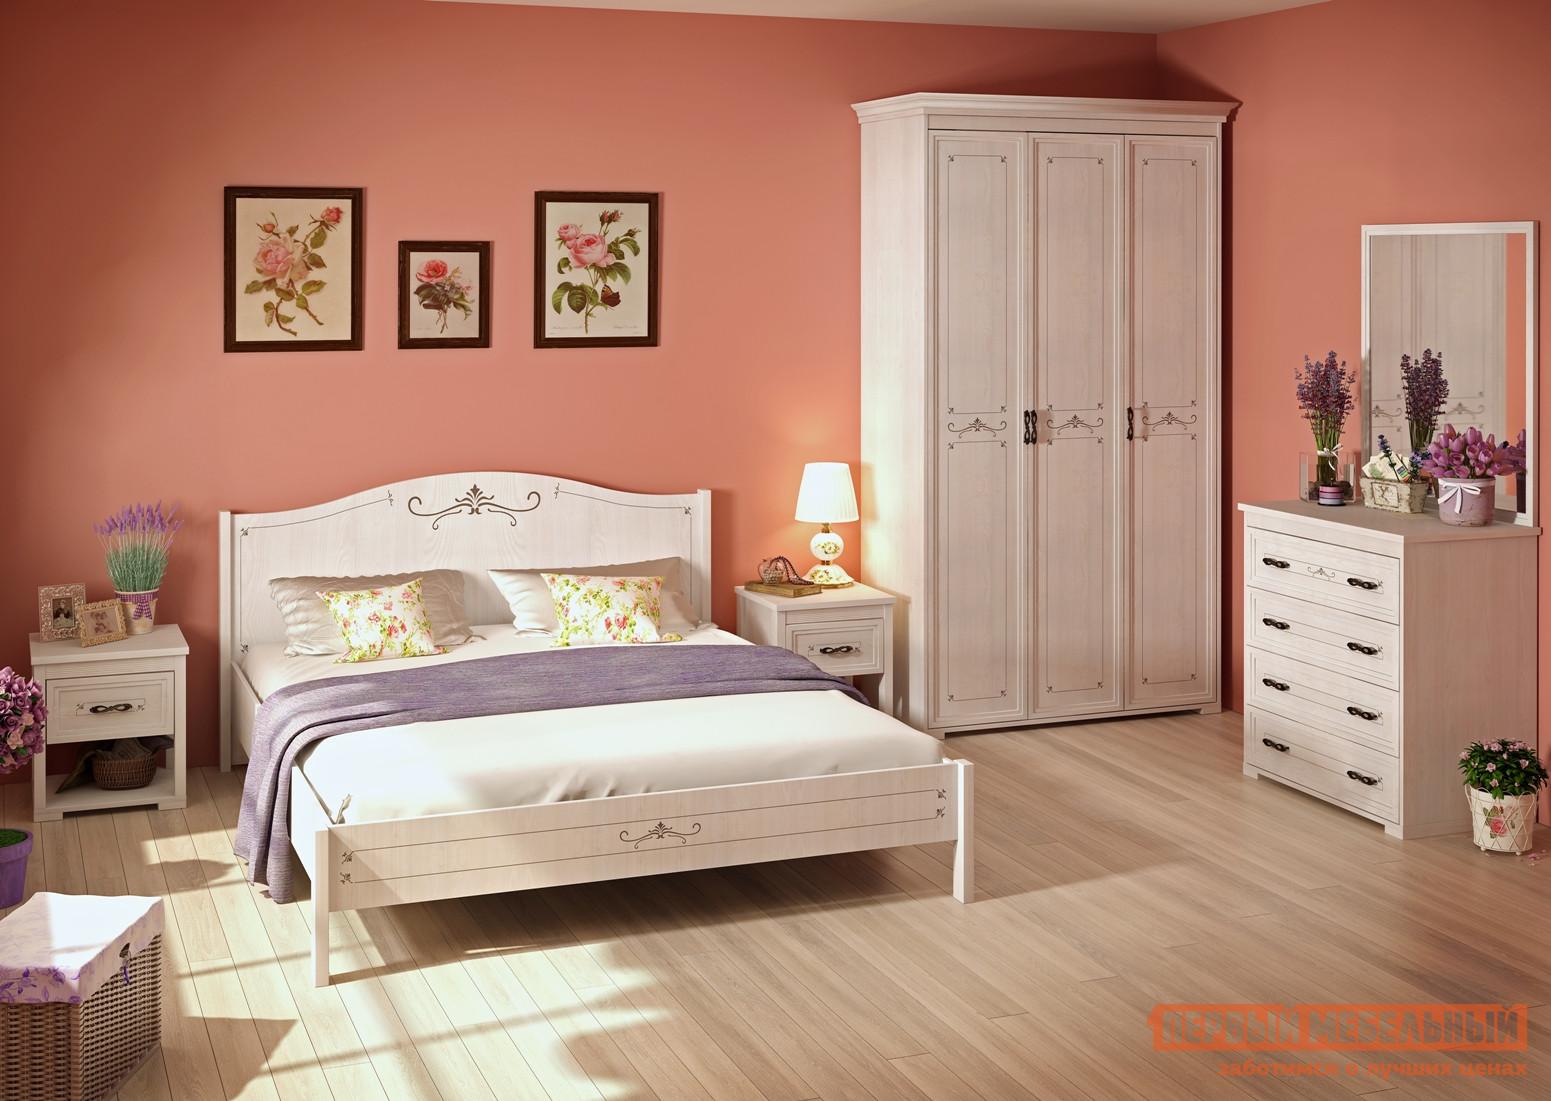 Спальный гарнитур ТД Арника Афродита К2 спальный гарнитур трия лючия к2